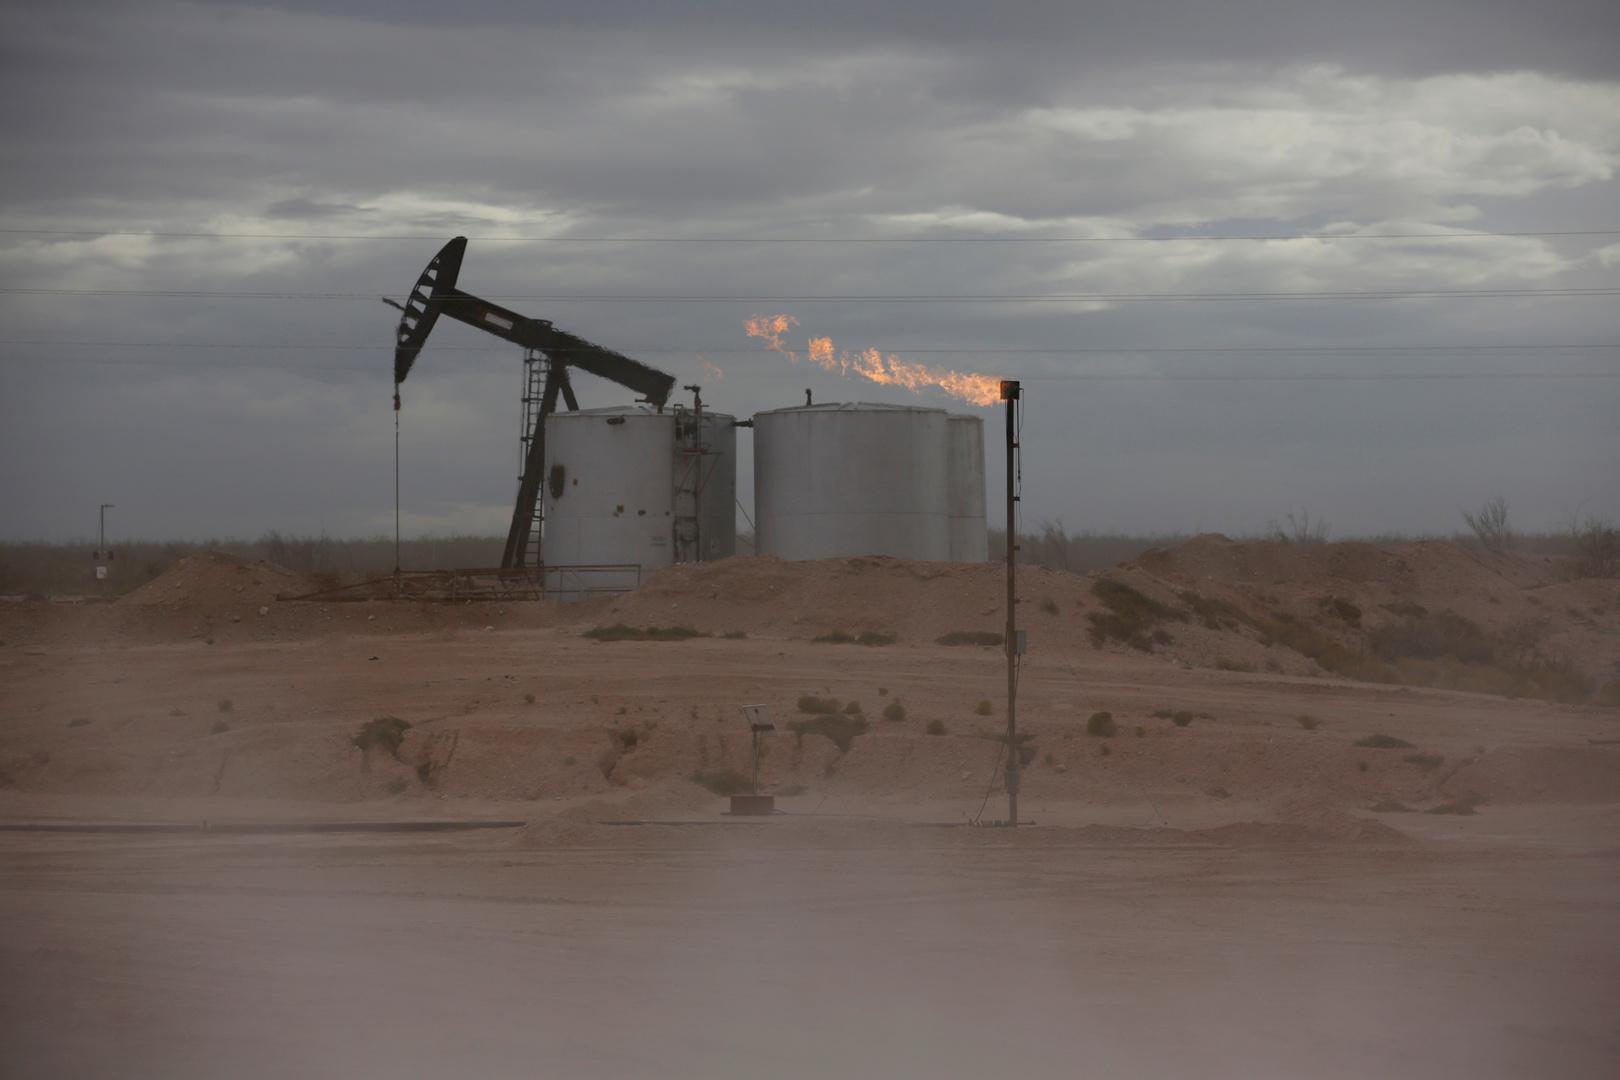 النفط ينزل بعد زيادة مفاجئة في مخزونات الخام الأمريكية